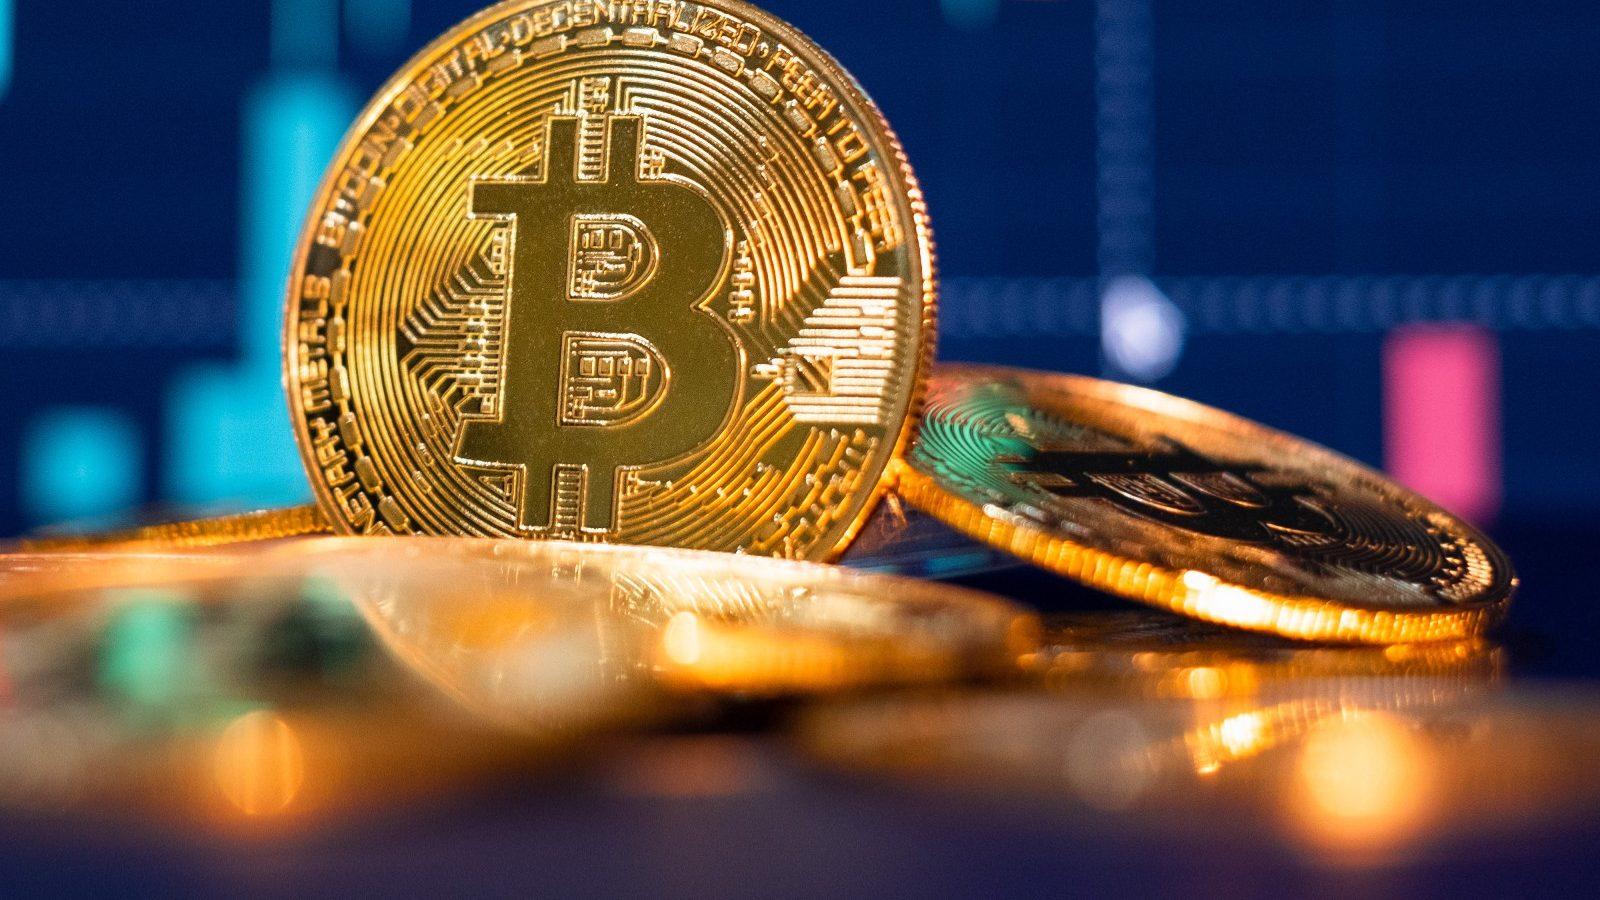 Giá Bitcoin 19/9 vượt mốc 48.000 USD, sắc xanh bao phủ thị trường